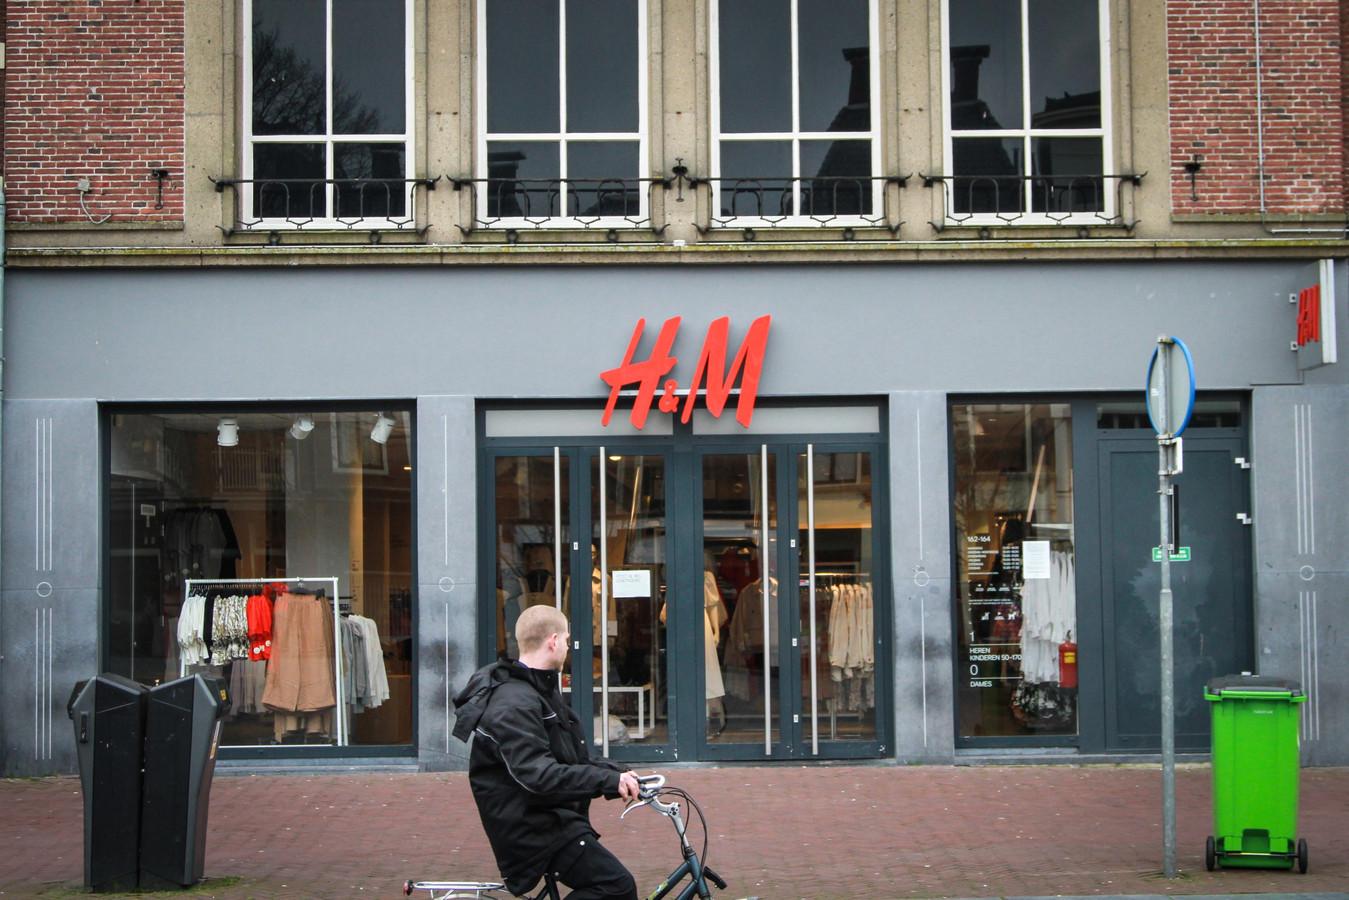 LEEUWARDEN - Veel grote landelijke kledingzaken houden vanwege het coronavirus de deuren gesloten. Dt zijn onder meer de C&A, Zara, H&M, Zara en The Sting.